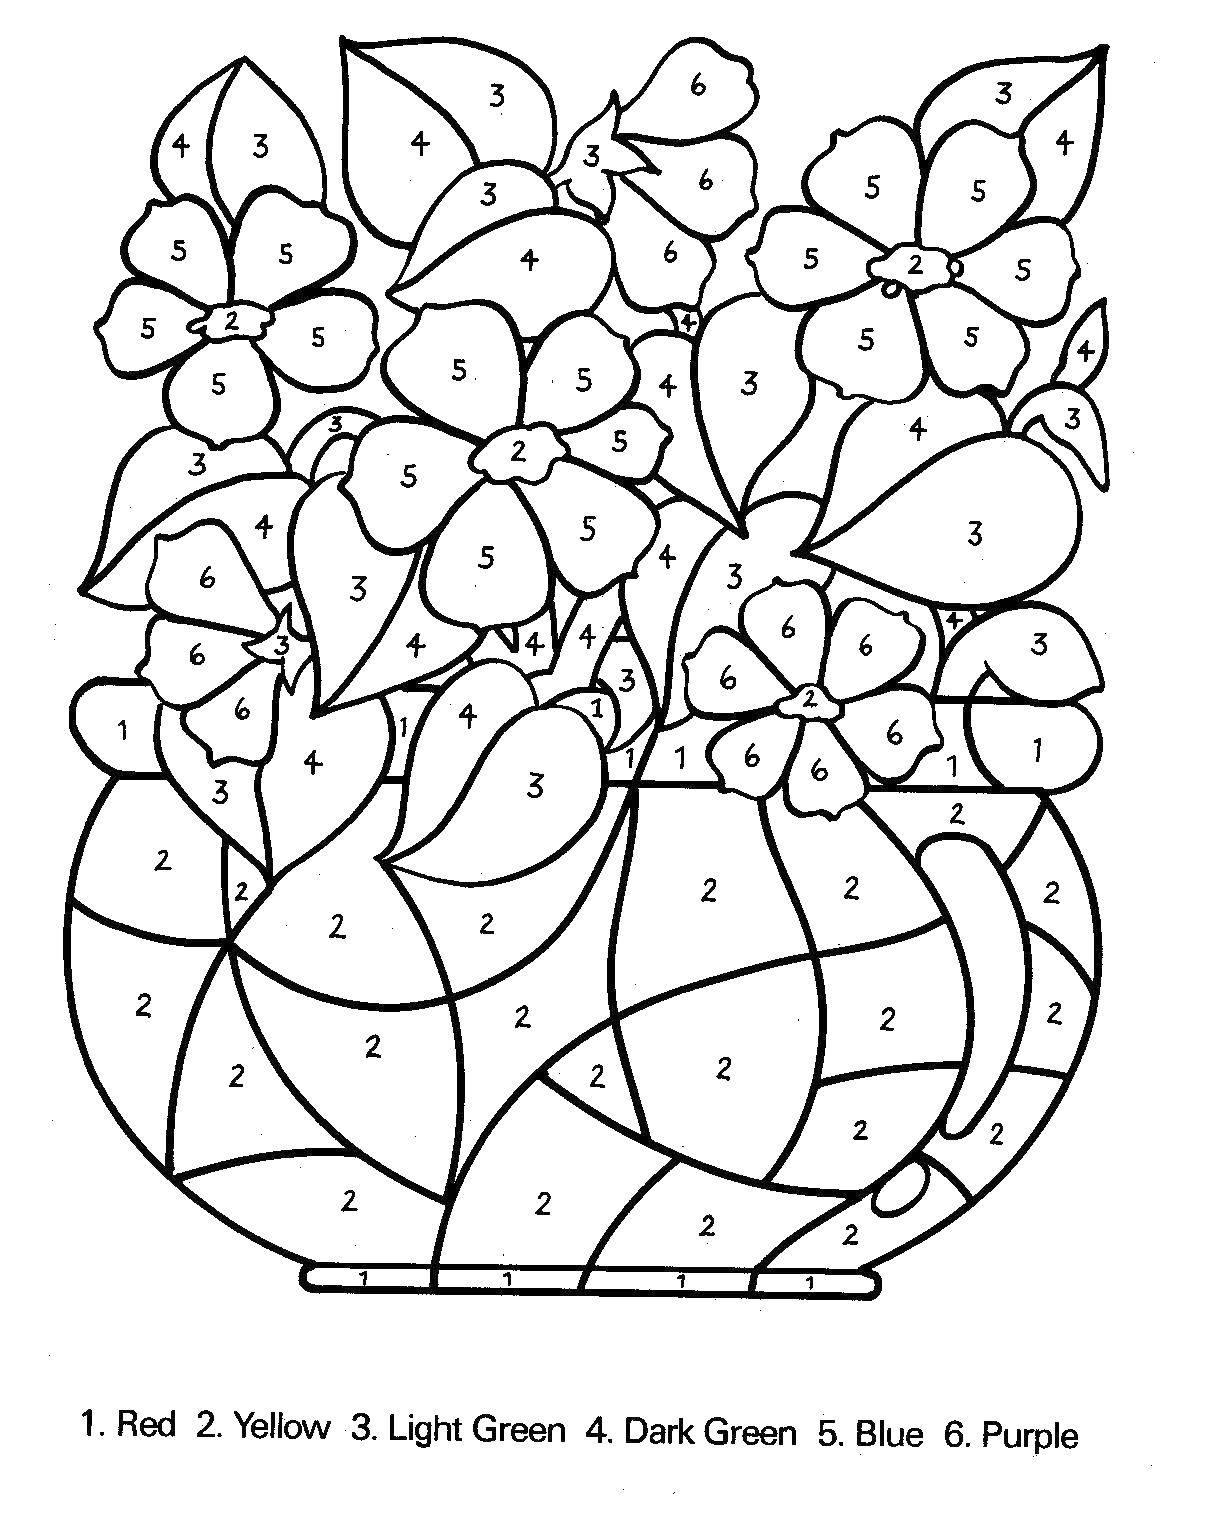 Раскраска Раскрась вазу с цветами по номерам Скачать по номерам, цветы, ваза.  Распечатать ,раскраски по номерам,